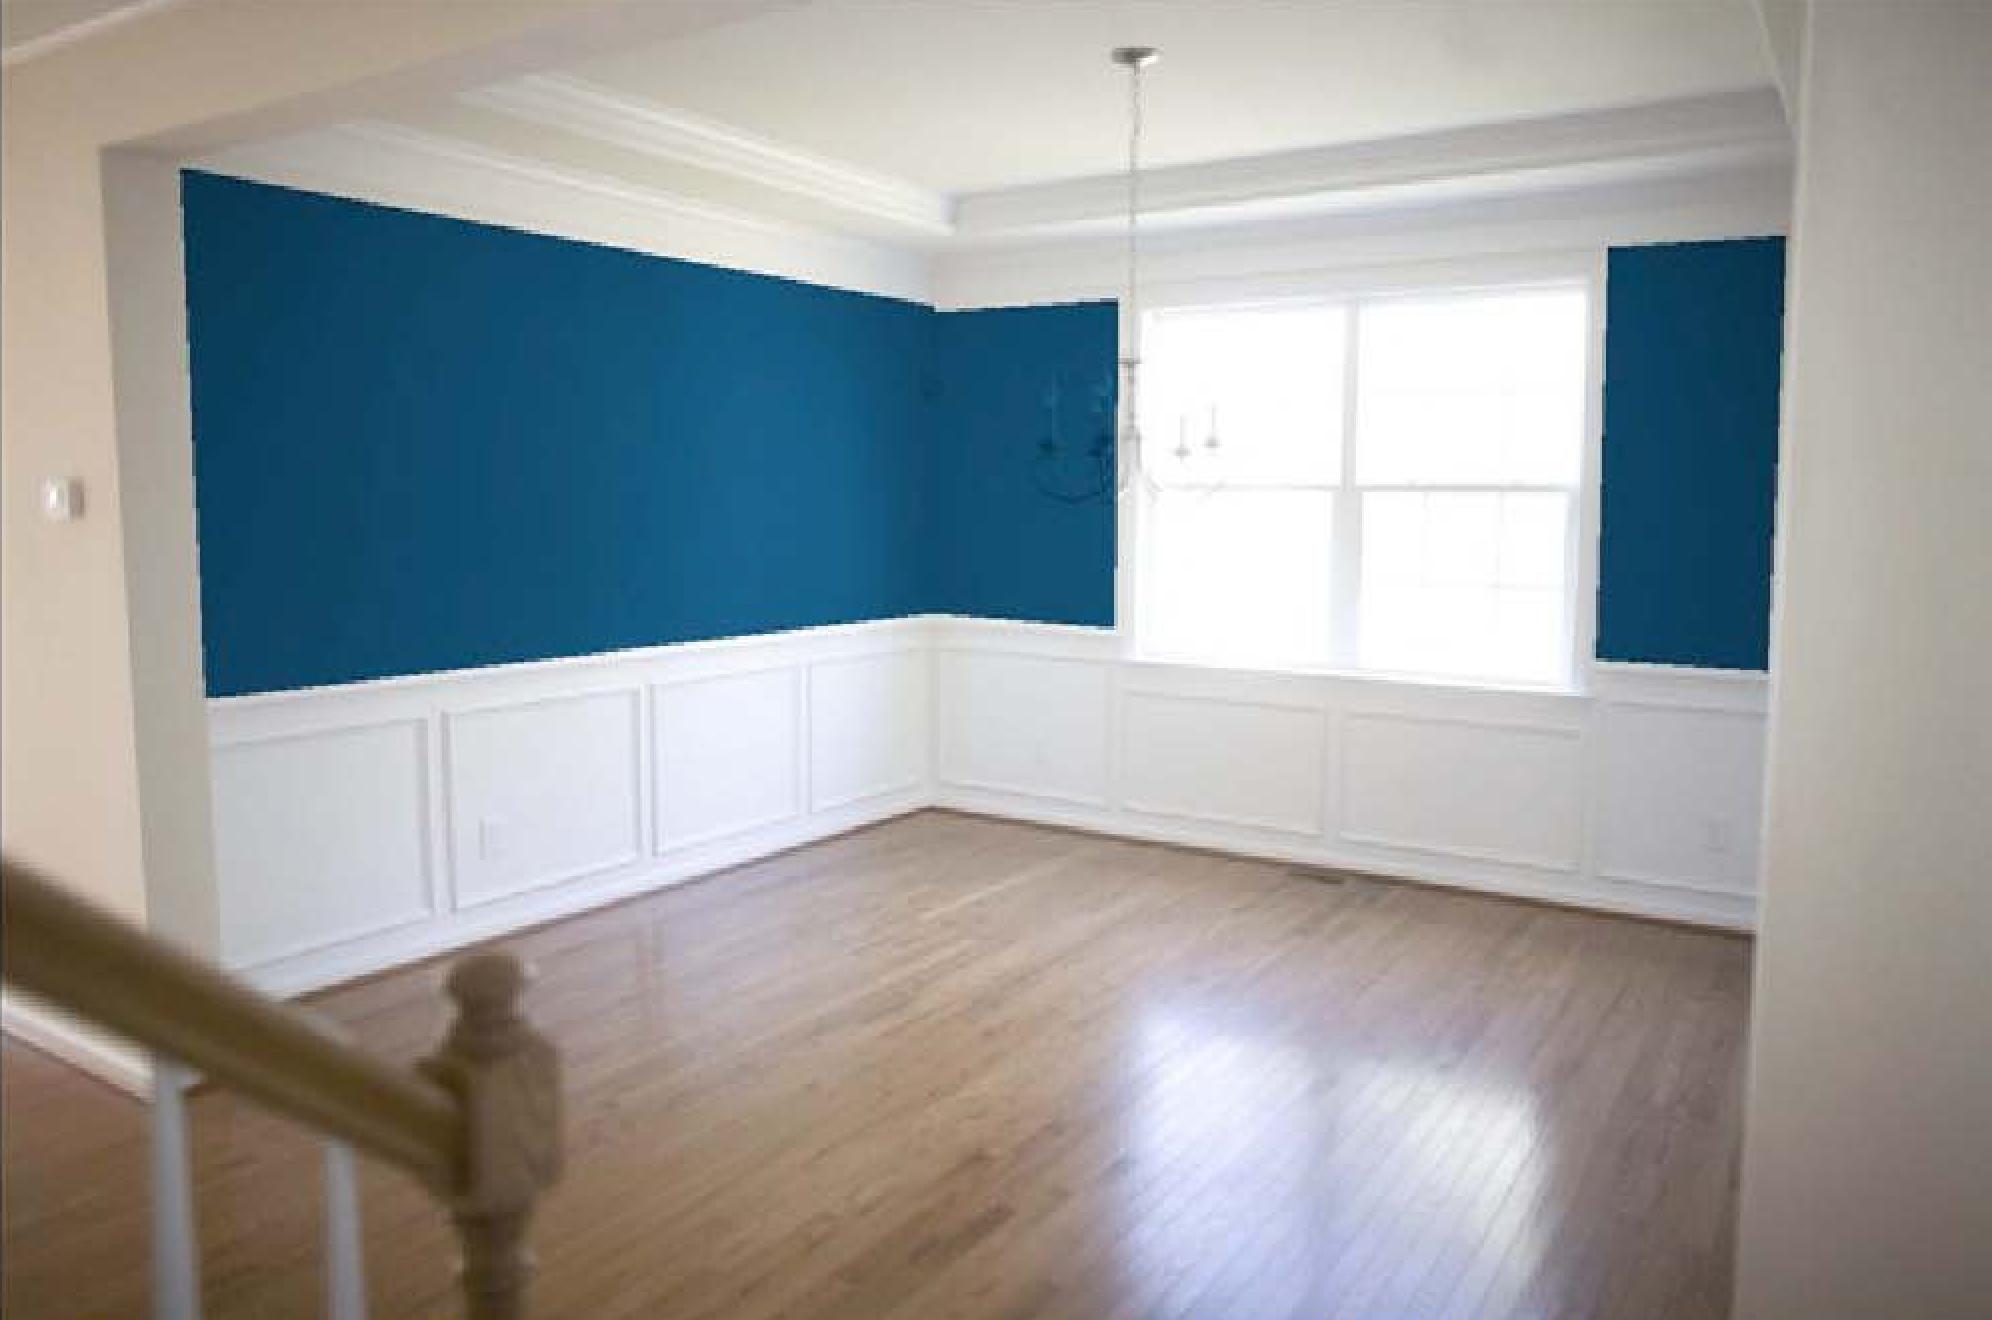 Blue Room Paint Ideas Part 54